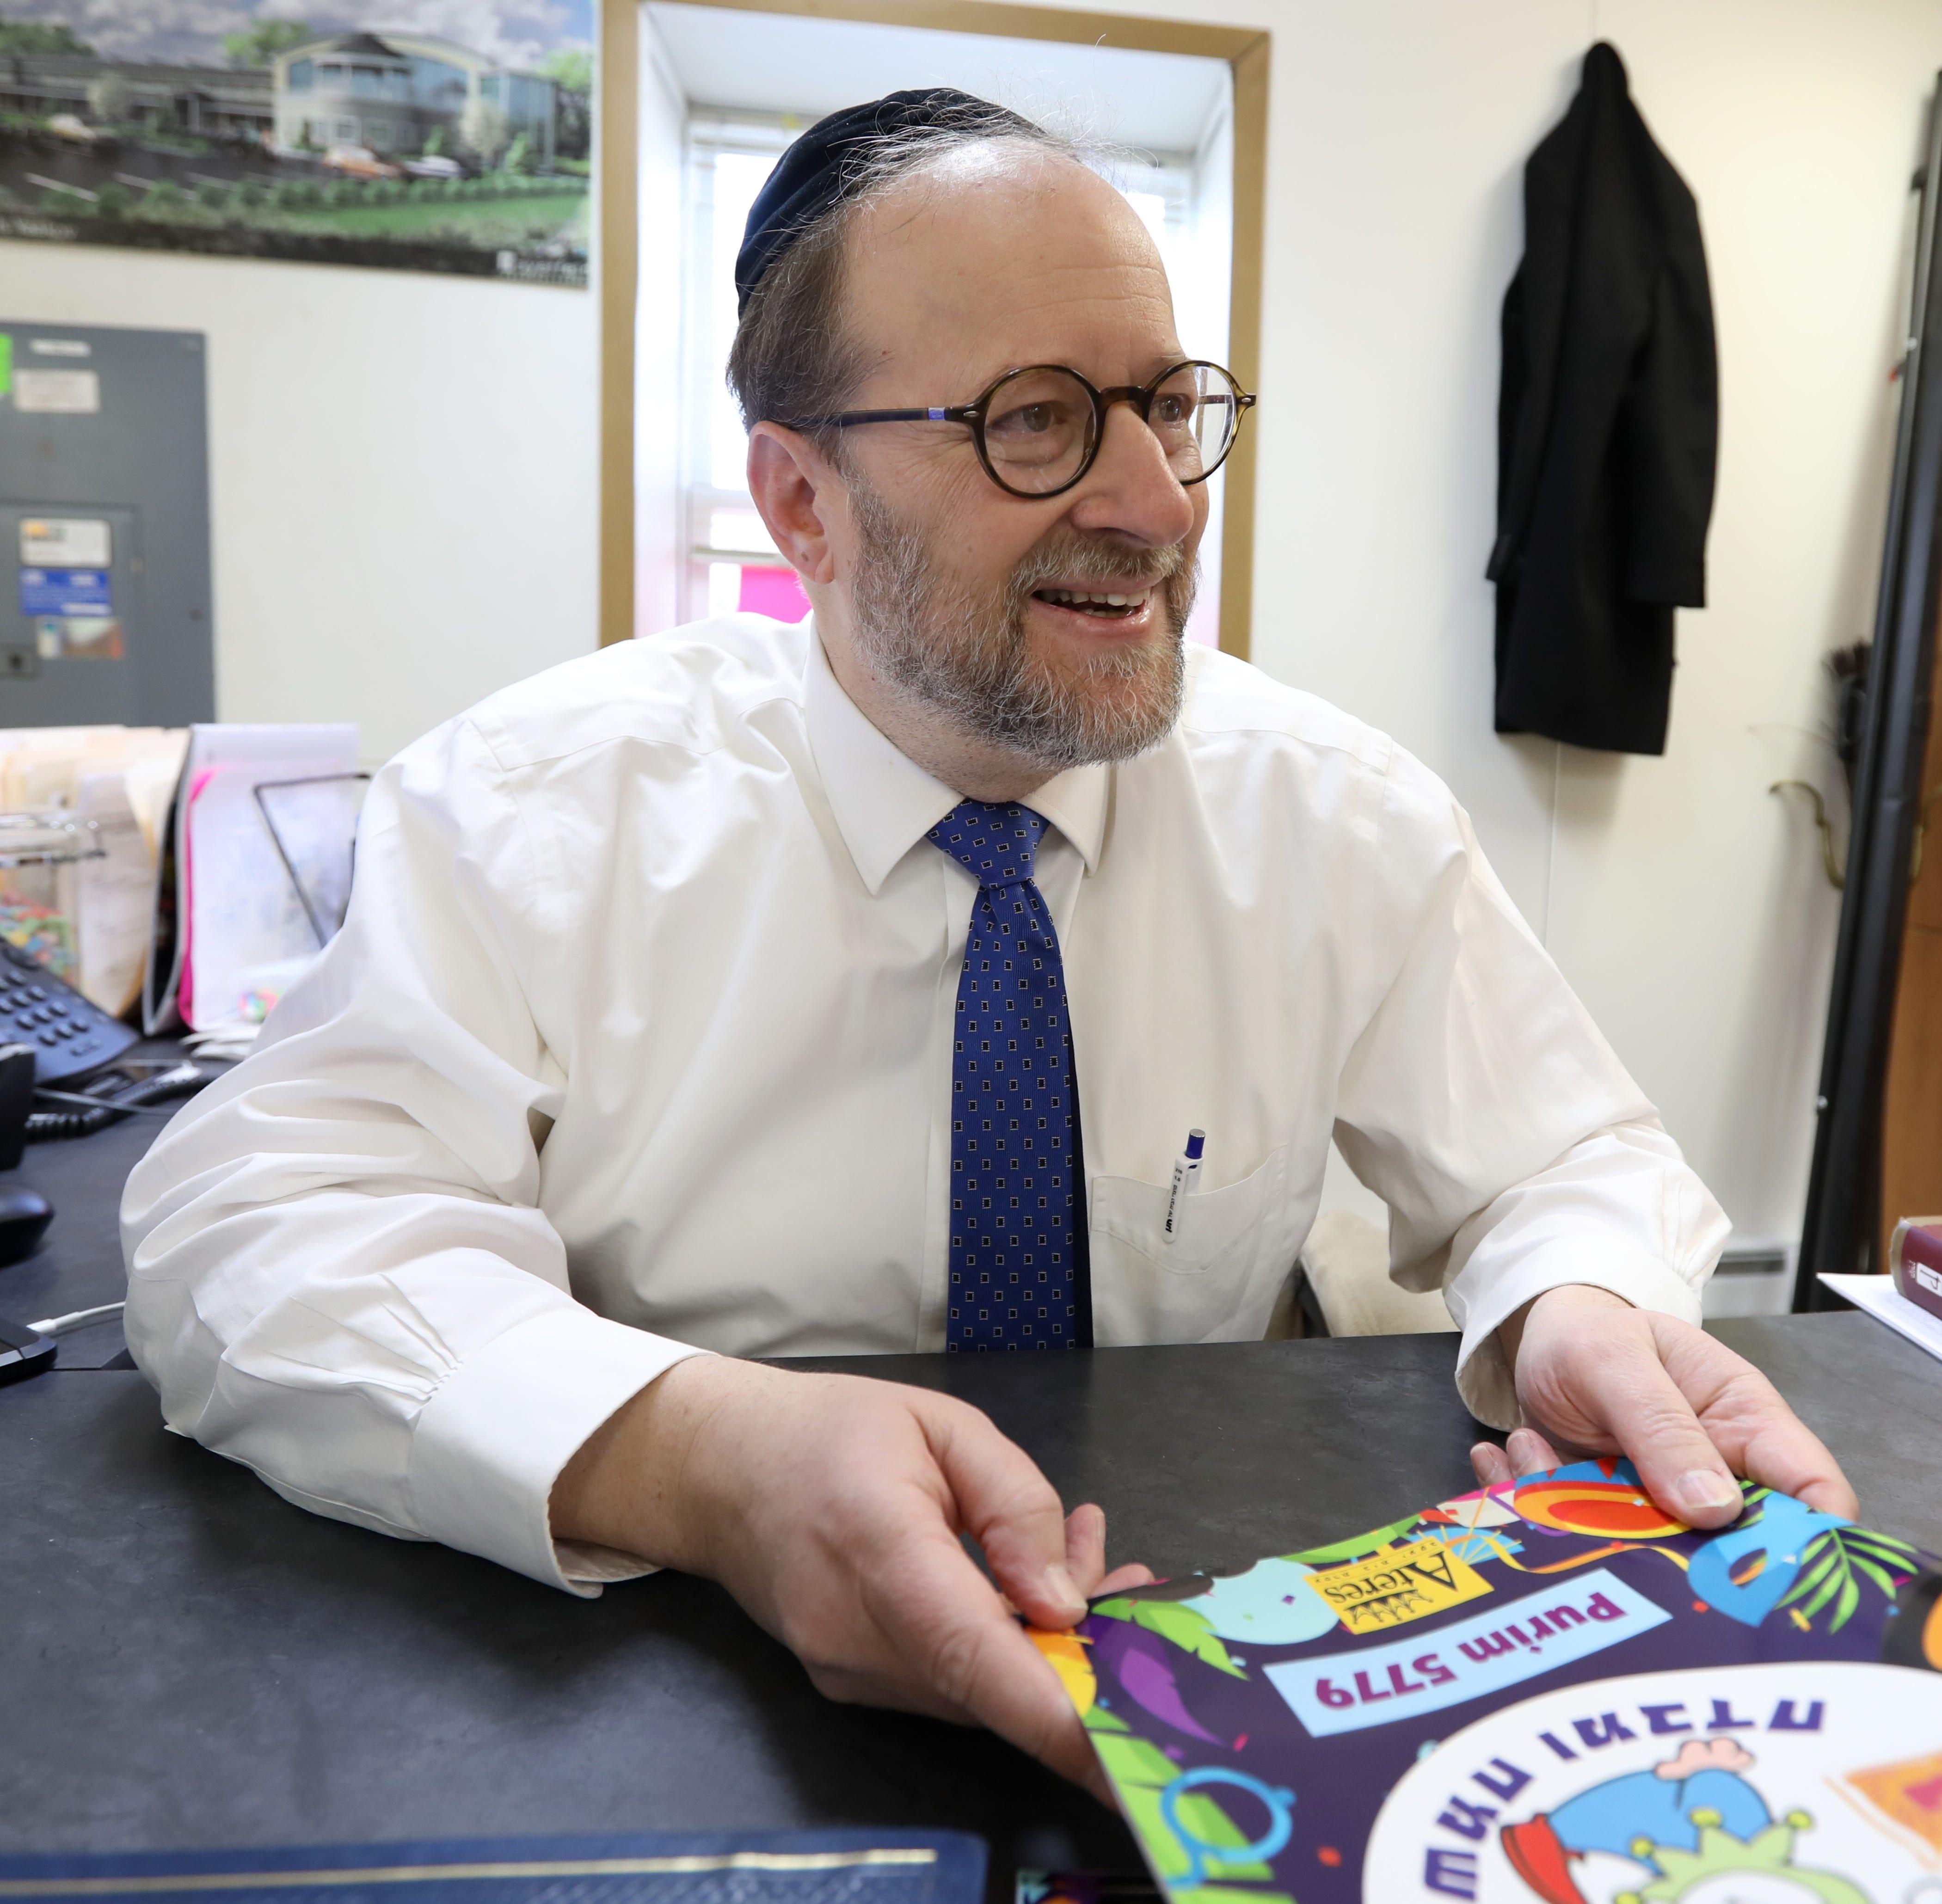 Ateres Bais Yaakov Academy has traveled a bumpy road